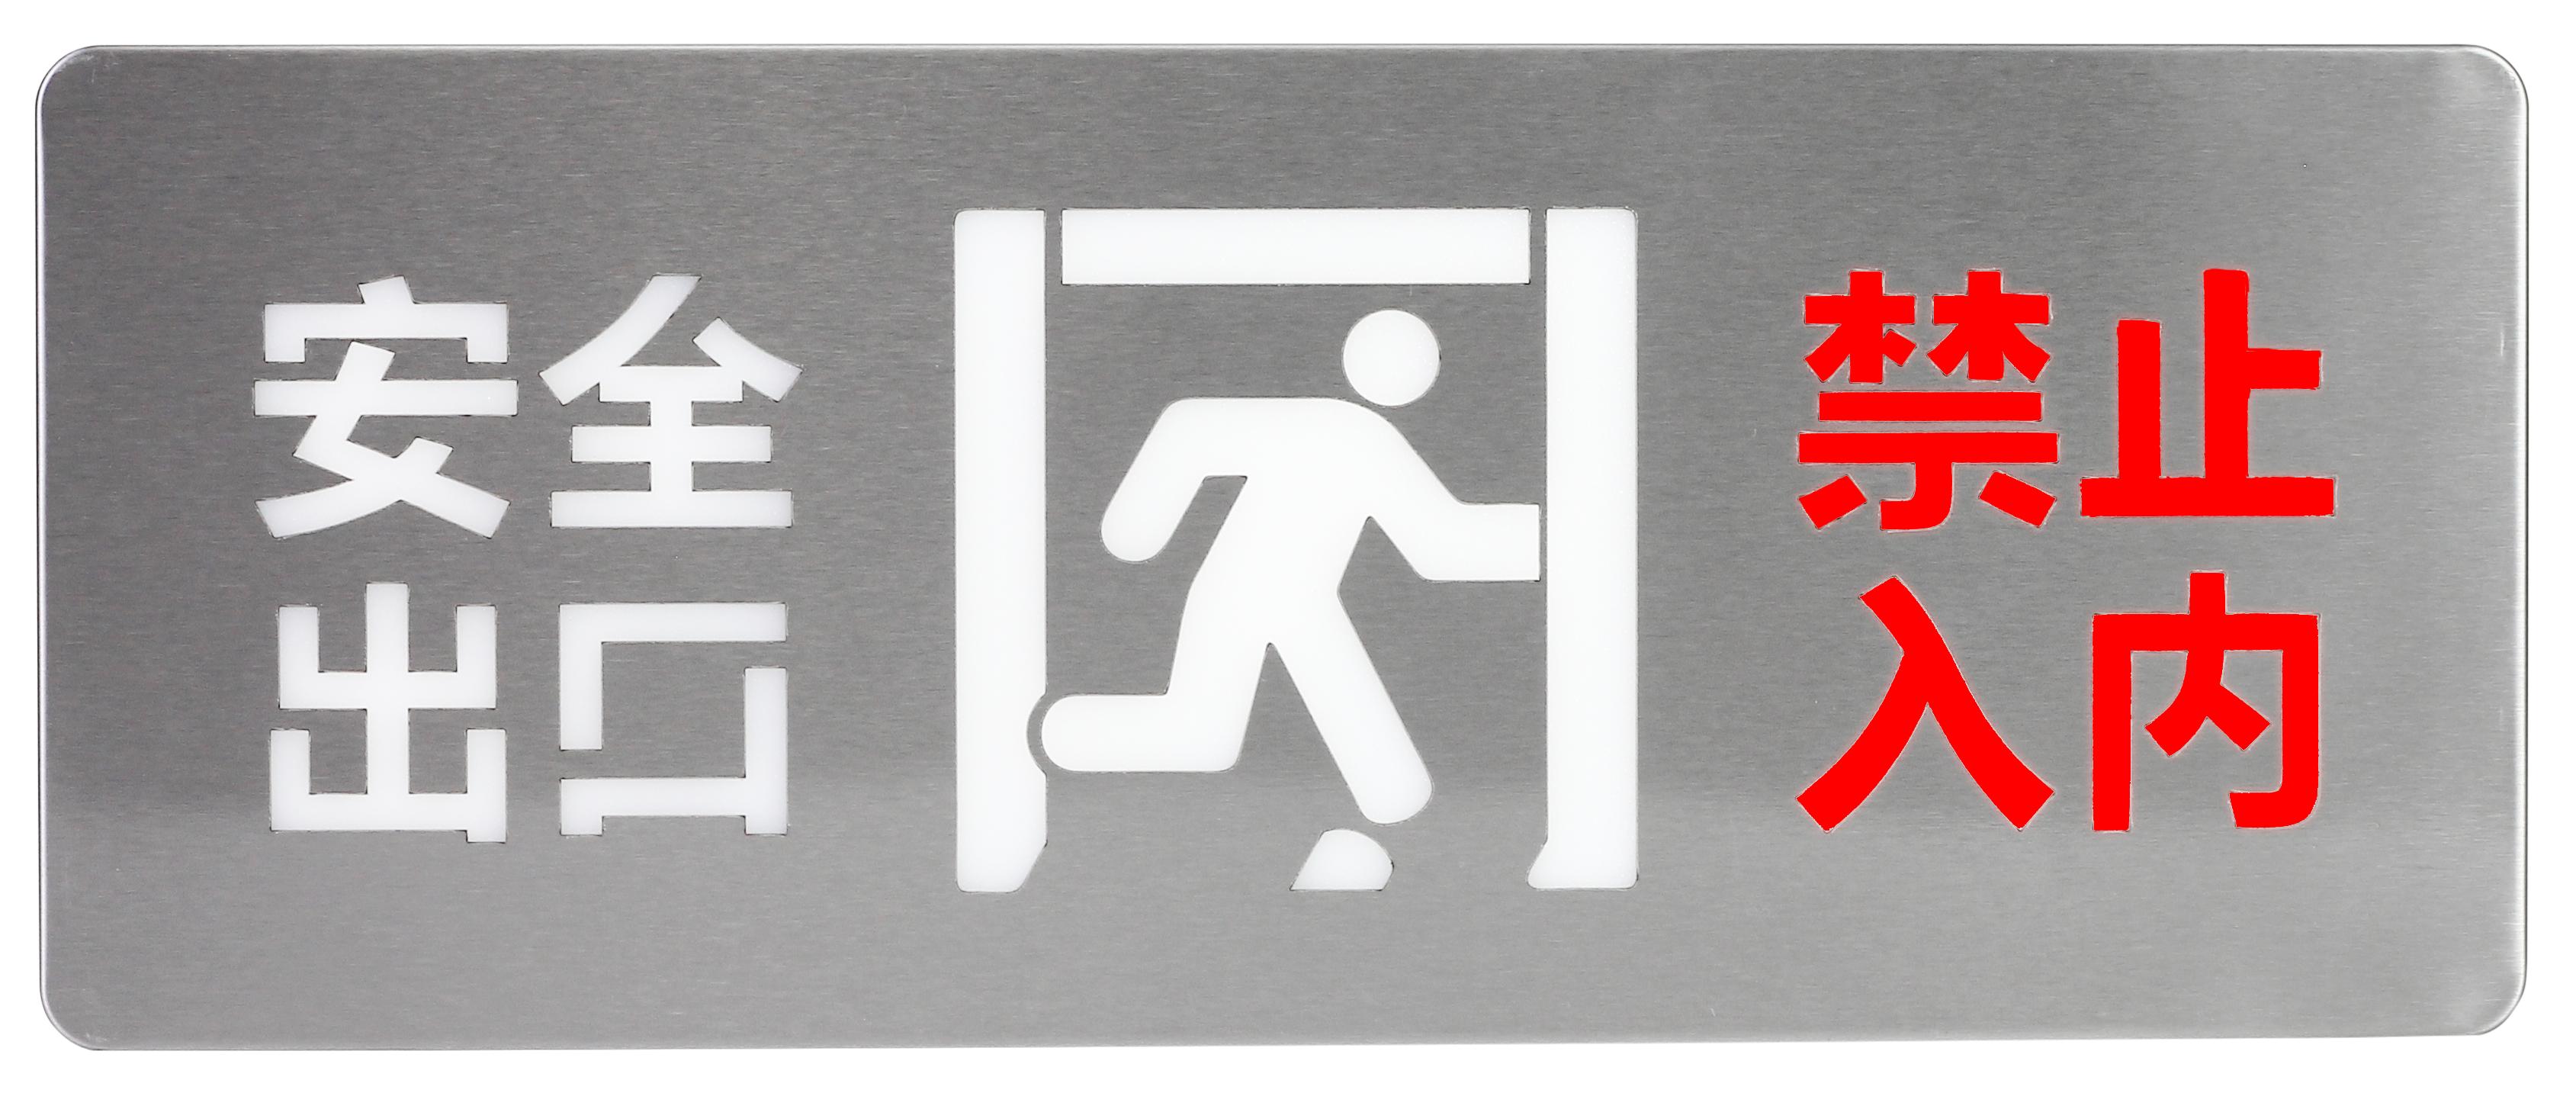 集中电源集中控制型<em style='color:red'>消防应急标志灯</em>具图片